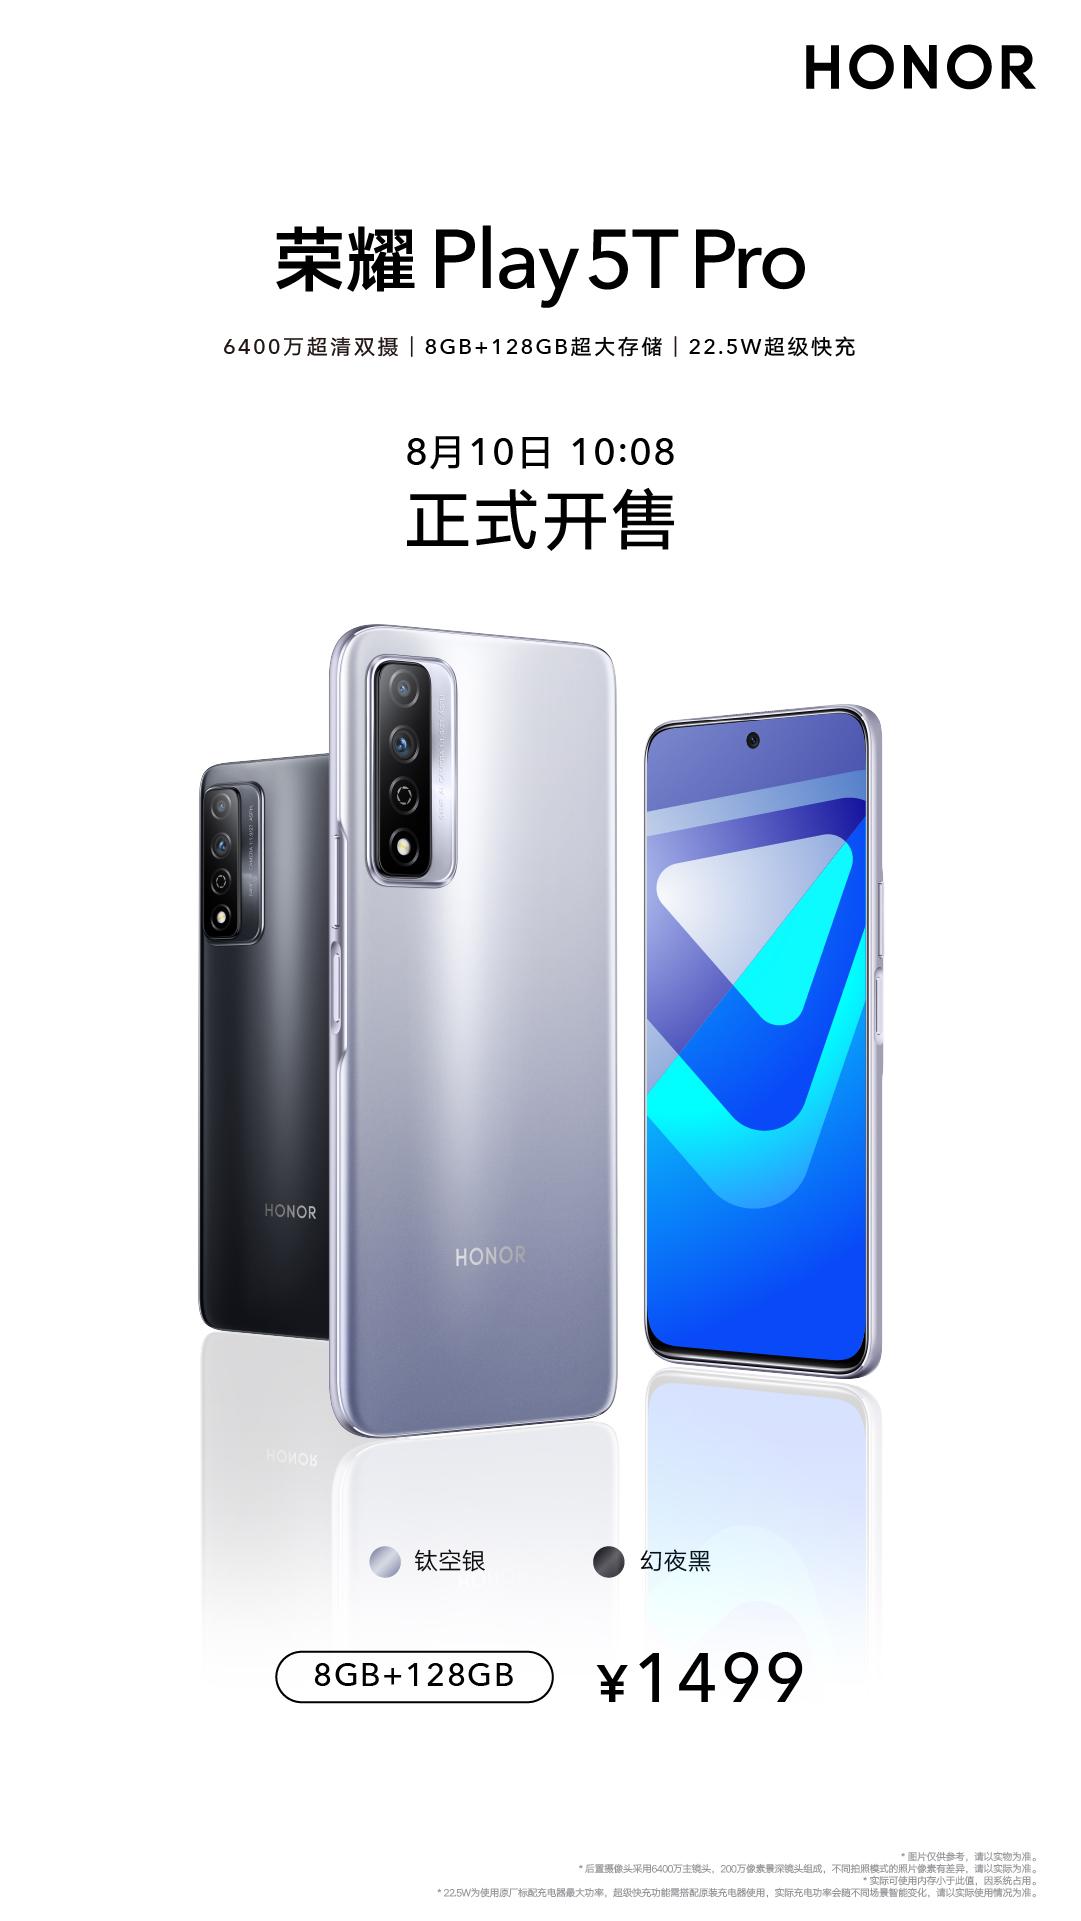 6400万超清双摄、22.5W超级快充 荣耀Play5T Pro今日开售